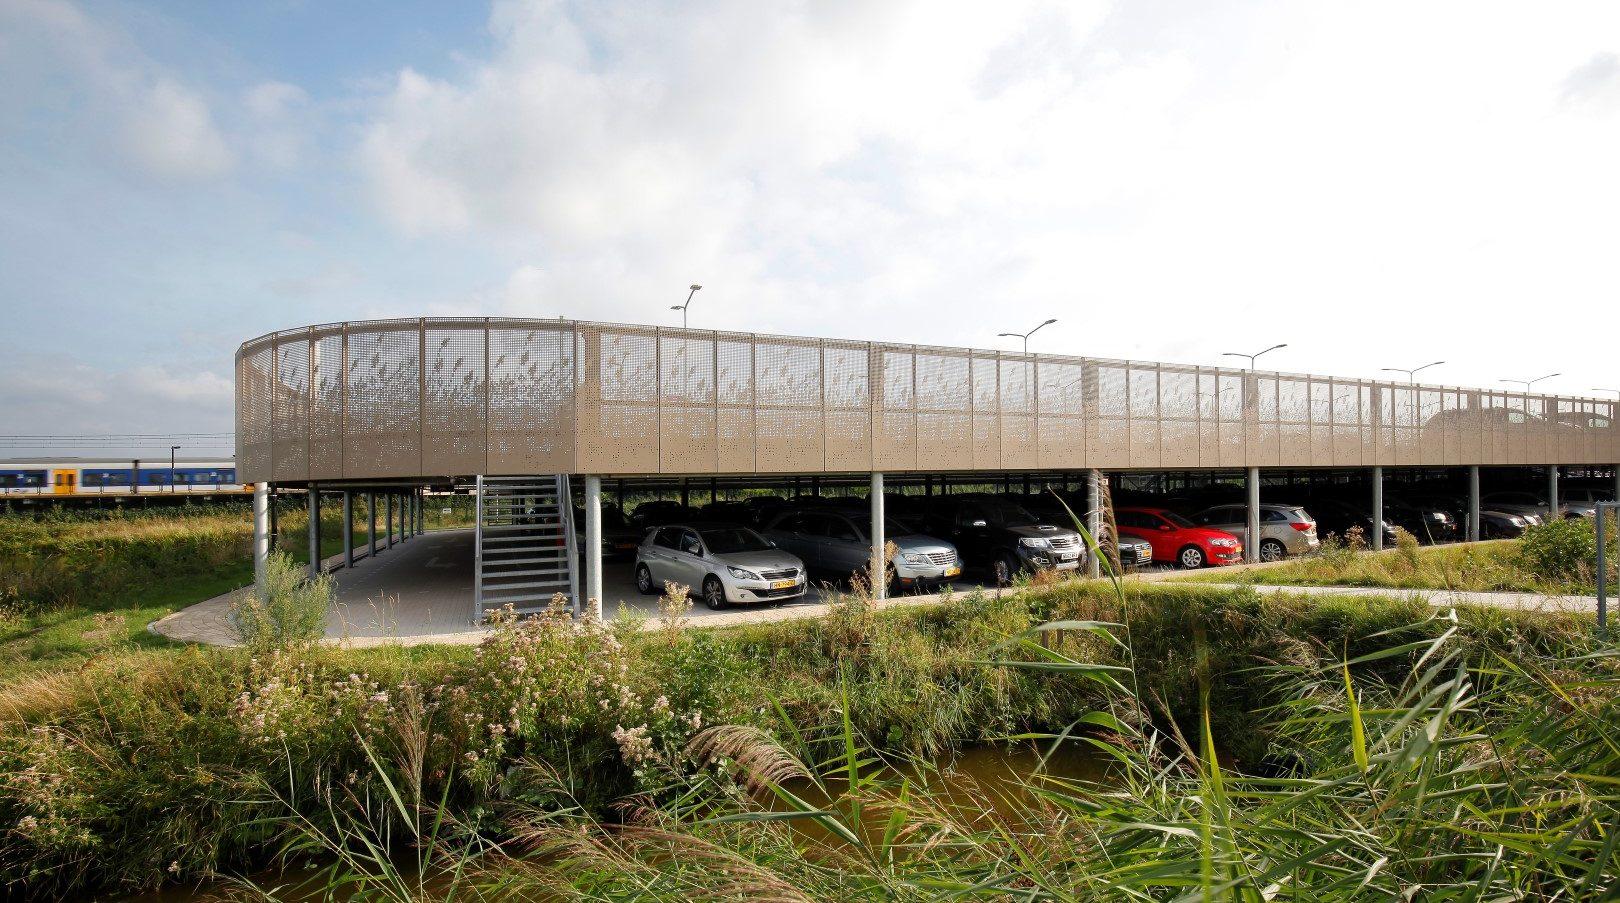 Overzichtsfoto van de Parkeergarage in Sassenheim welke voorzien is van een gevel met MD Designperforatie in een repeterend patroon